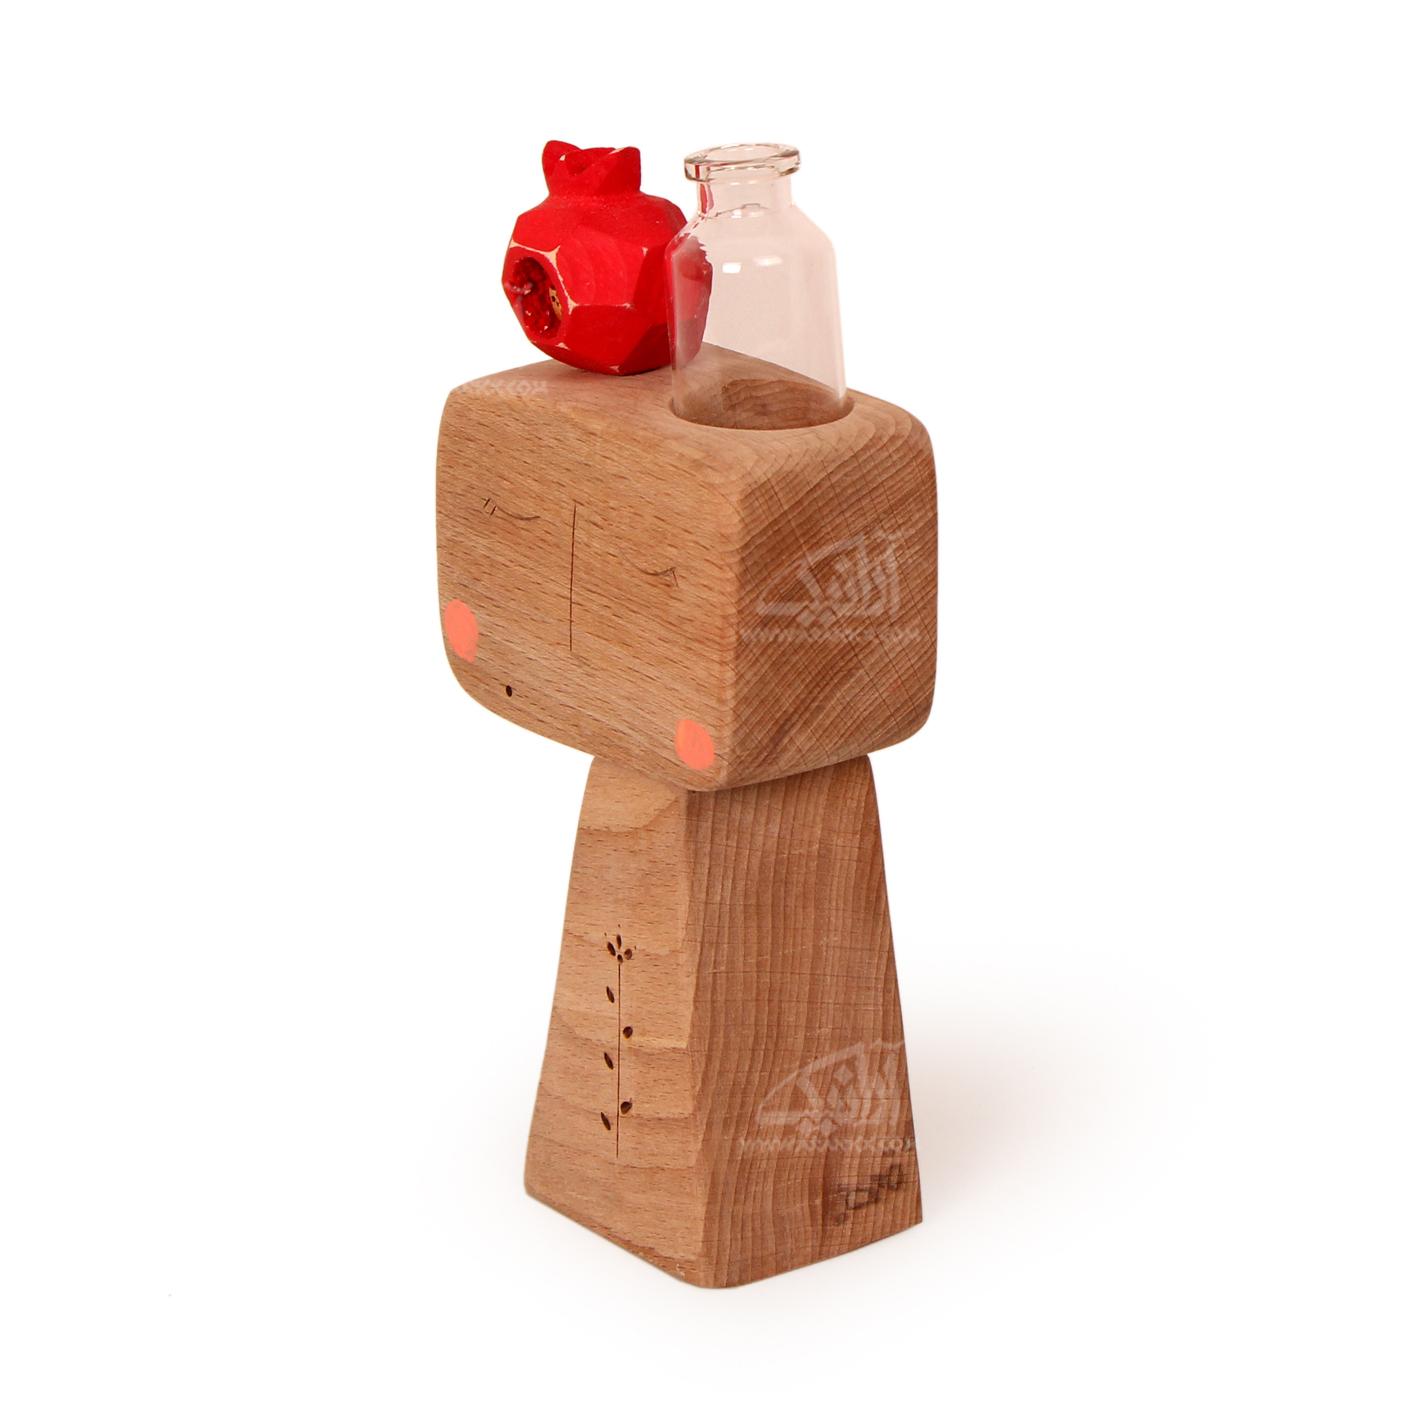 مجسمه چوبی  رنگ آمیزی رنگ قهوه ای روشن طرح آدمک تنها مدل 1105900003